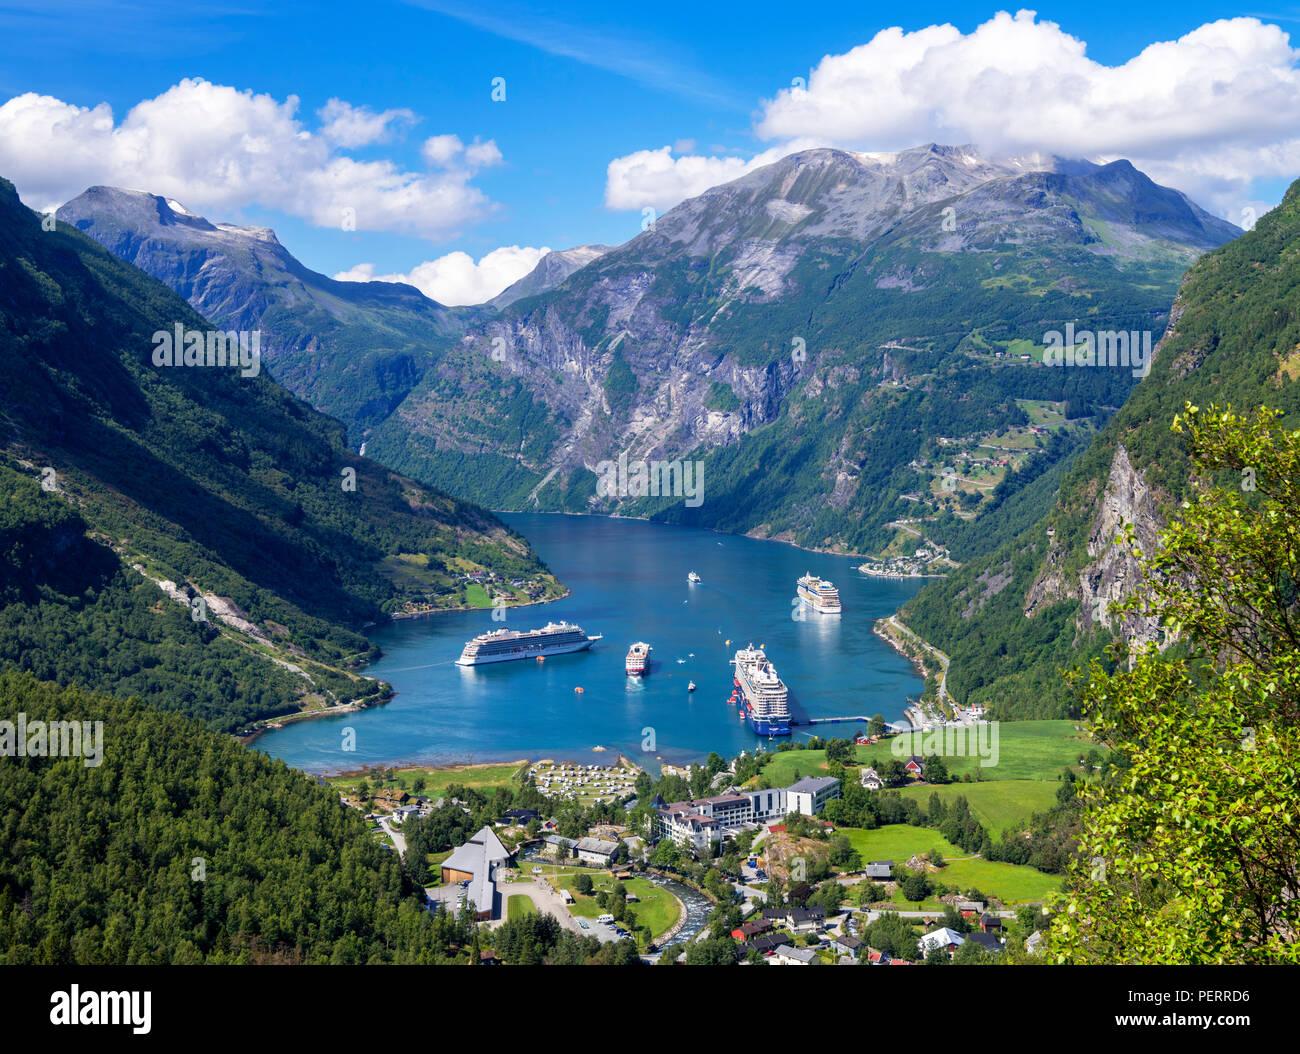 Geirangerfjord, Norwegen. Blick über die Stadt Geiranger und Geirangerfjord, Norwegen Stockbild